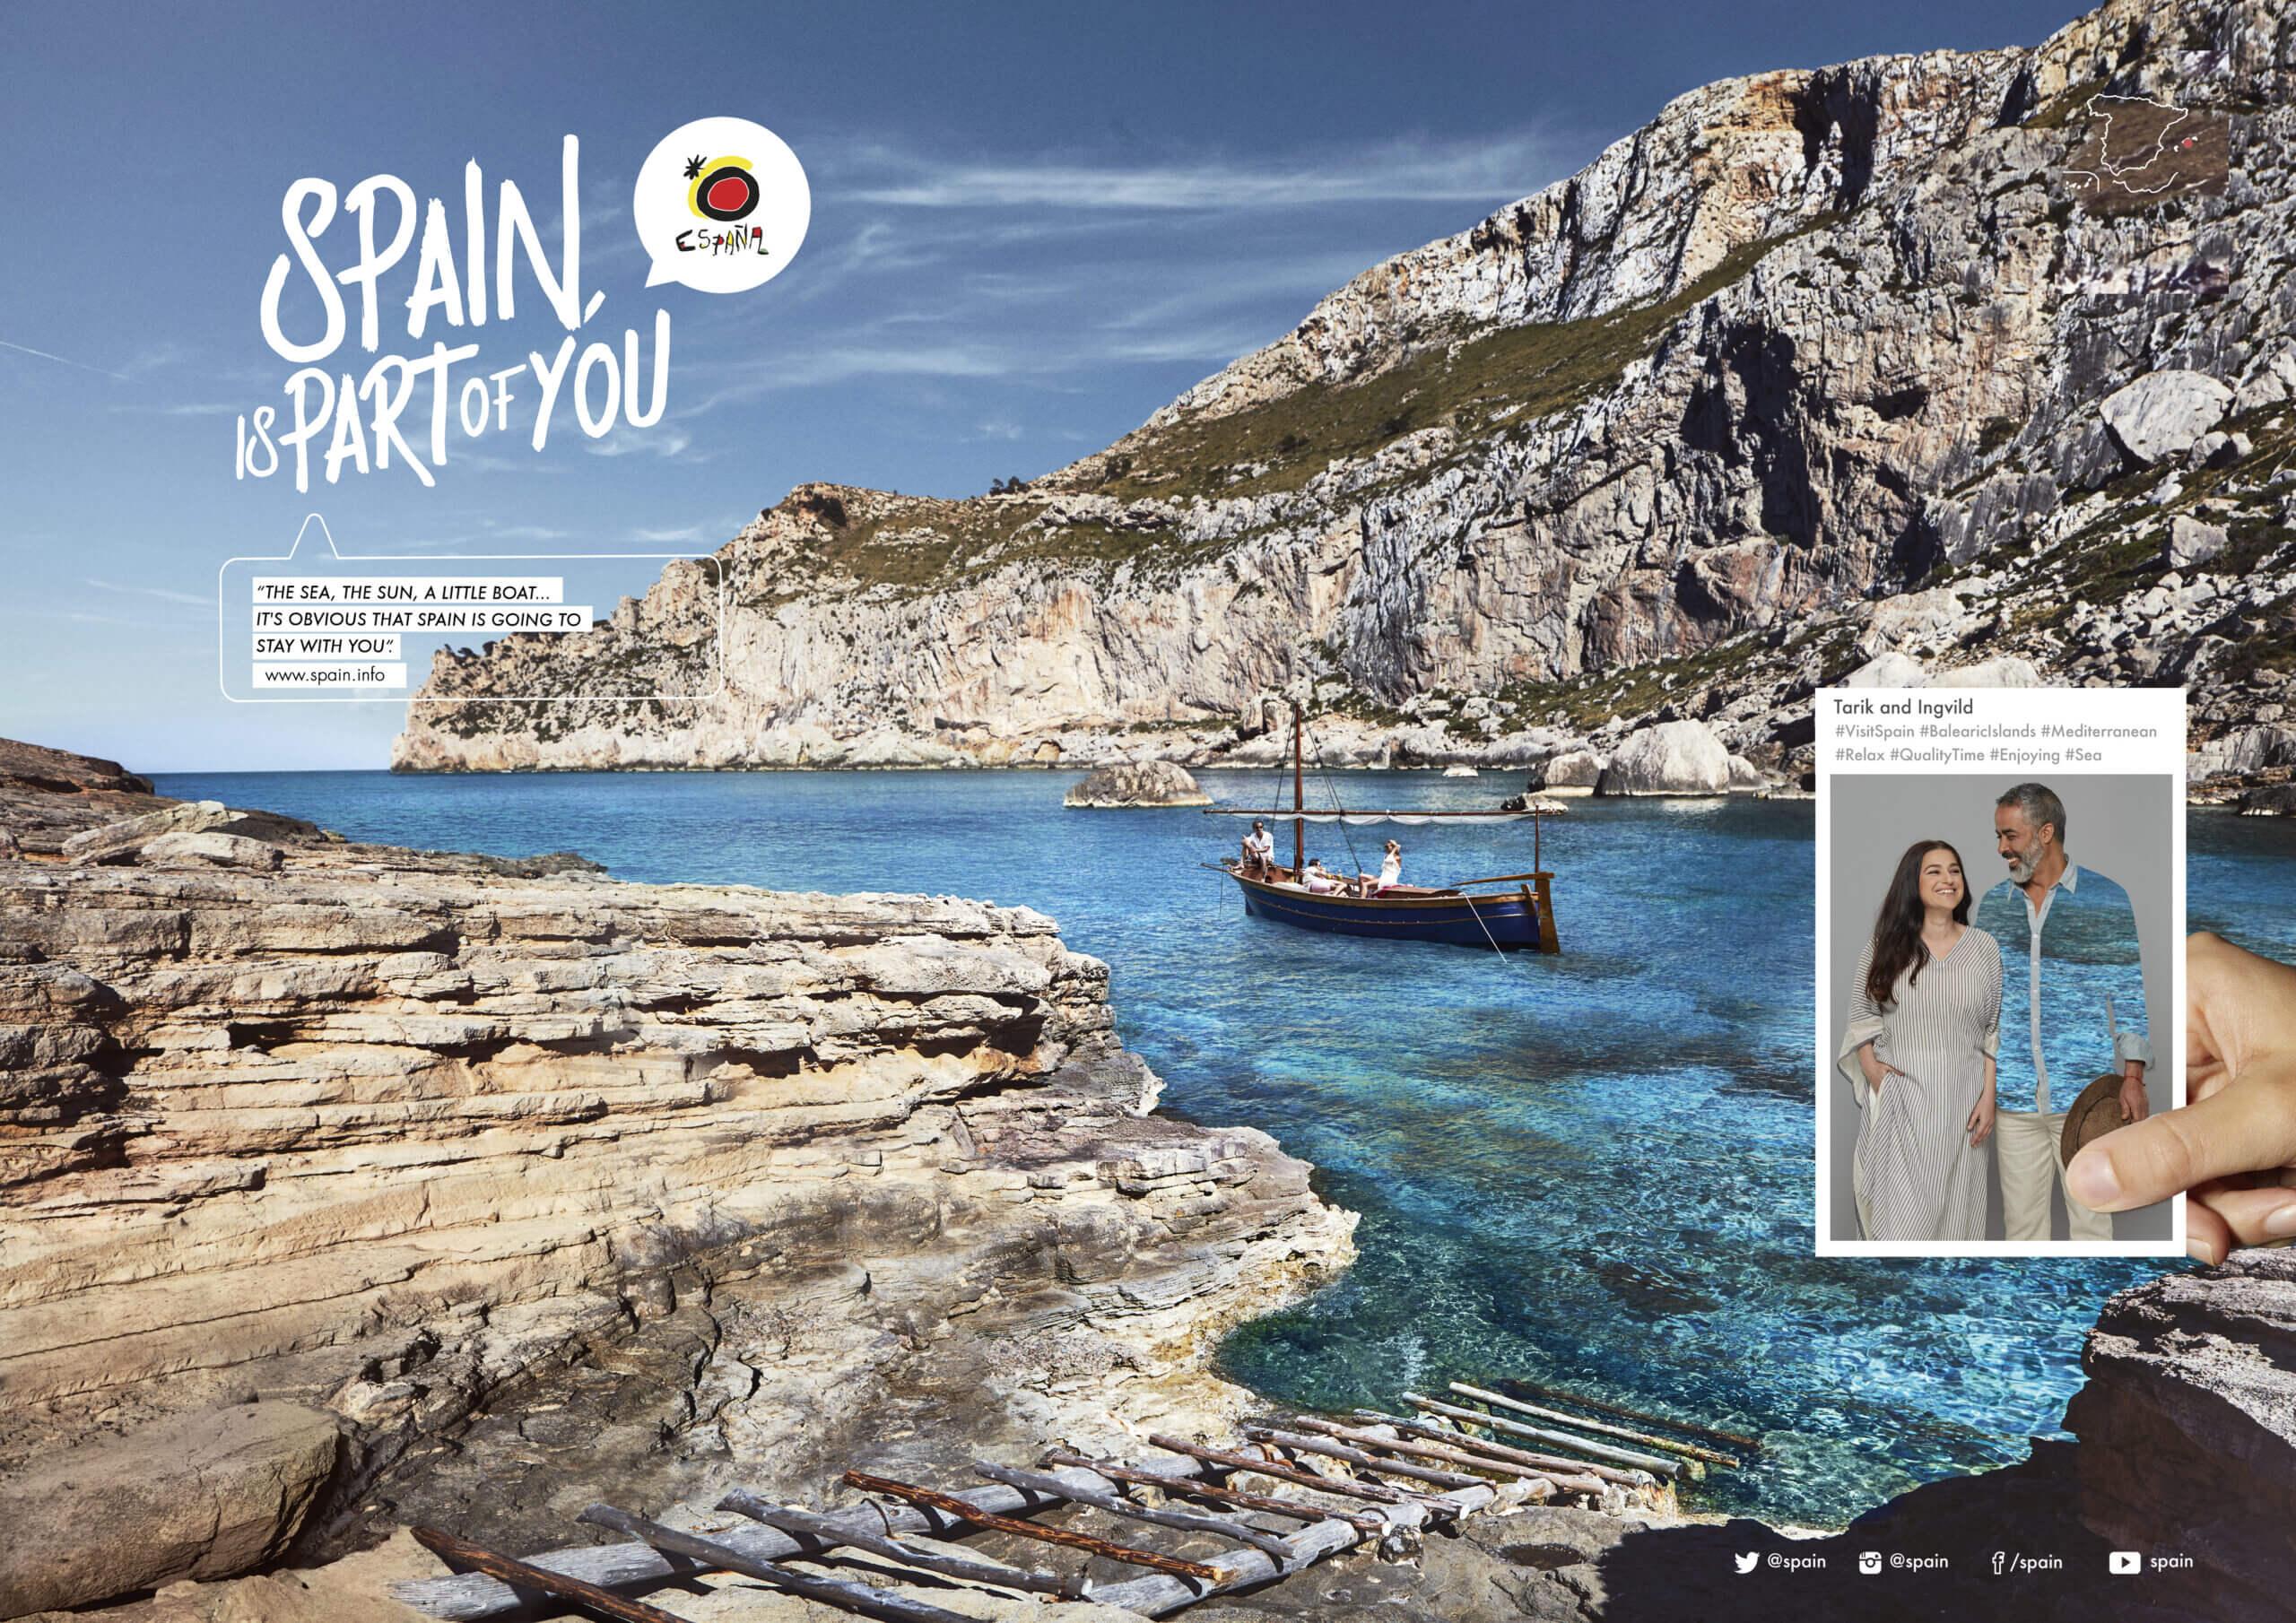 TURESPAÑA: España es parte de ti